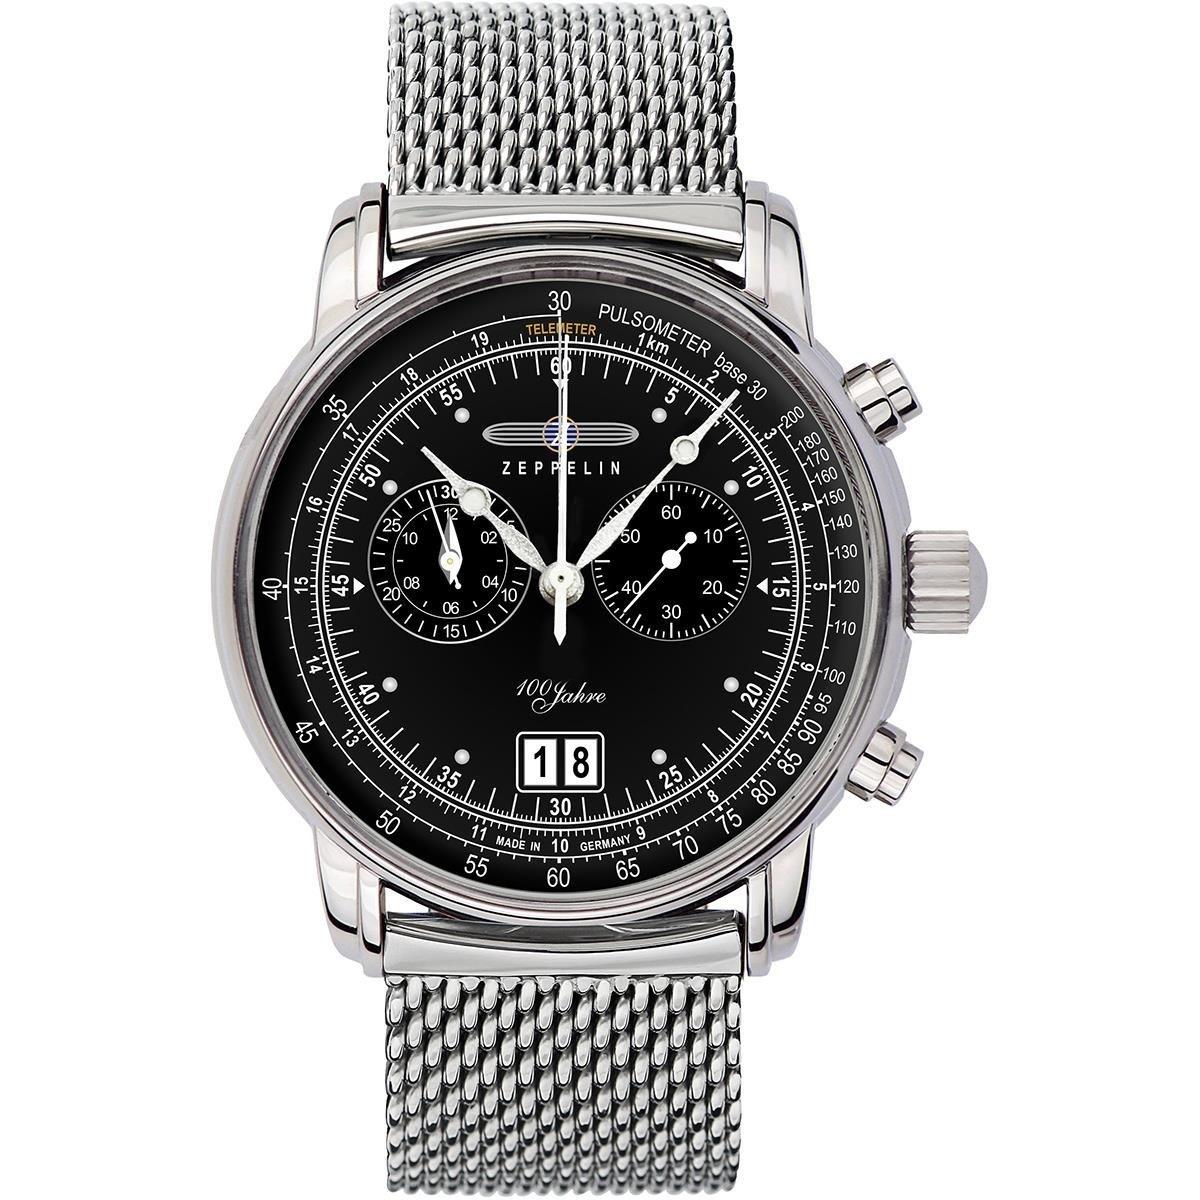 ツェッペリン ZEPPELIN メンズ スペシャルエディション 100周年記念モデル クロノグラフ シルバー ステンレス シルバー ケース 7690M-2 腕時計 贈り物 プレゼント